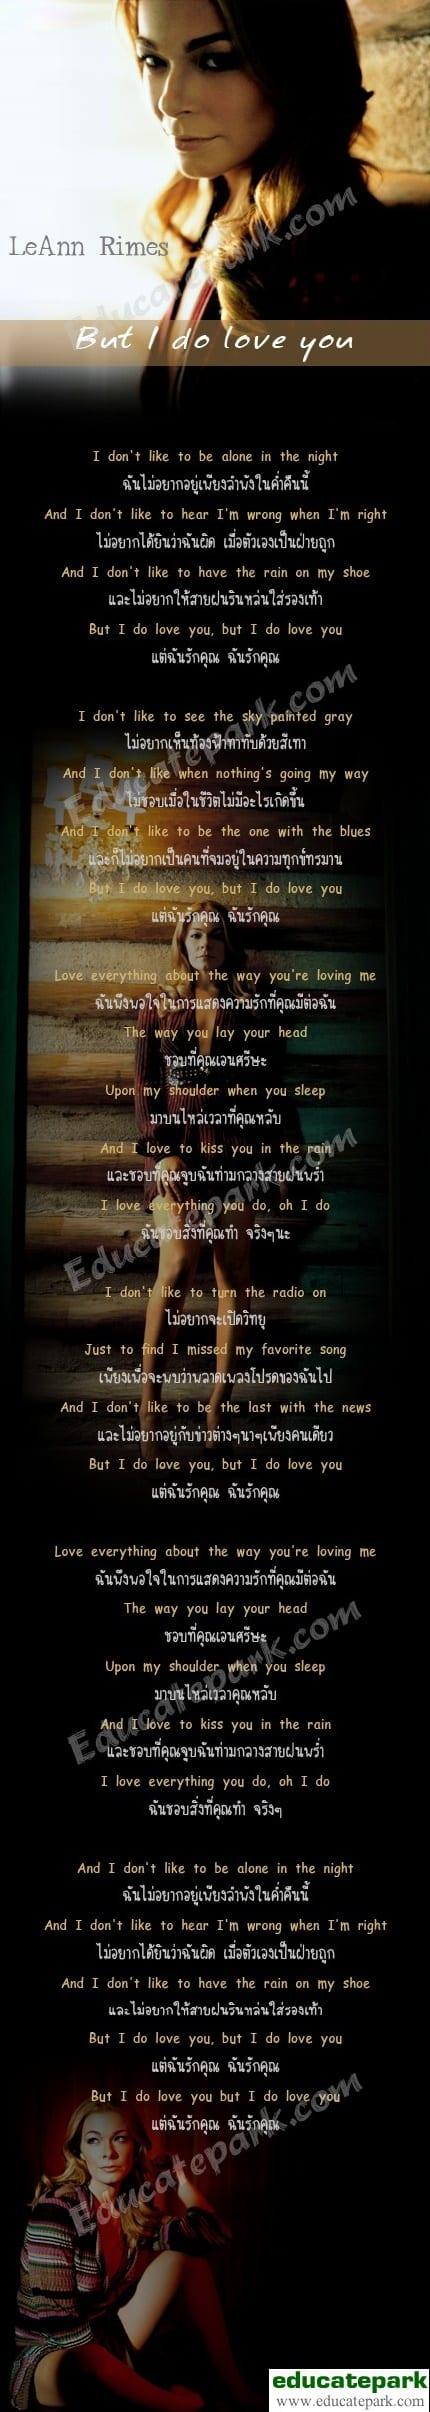 แปลเพลง But I Do Love You - LeAnn Rimes